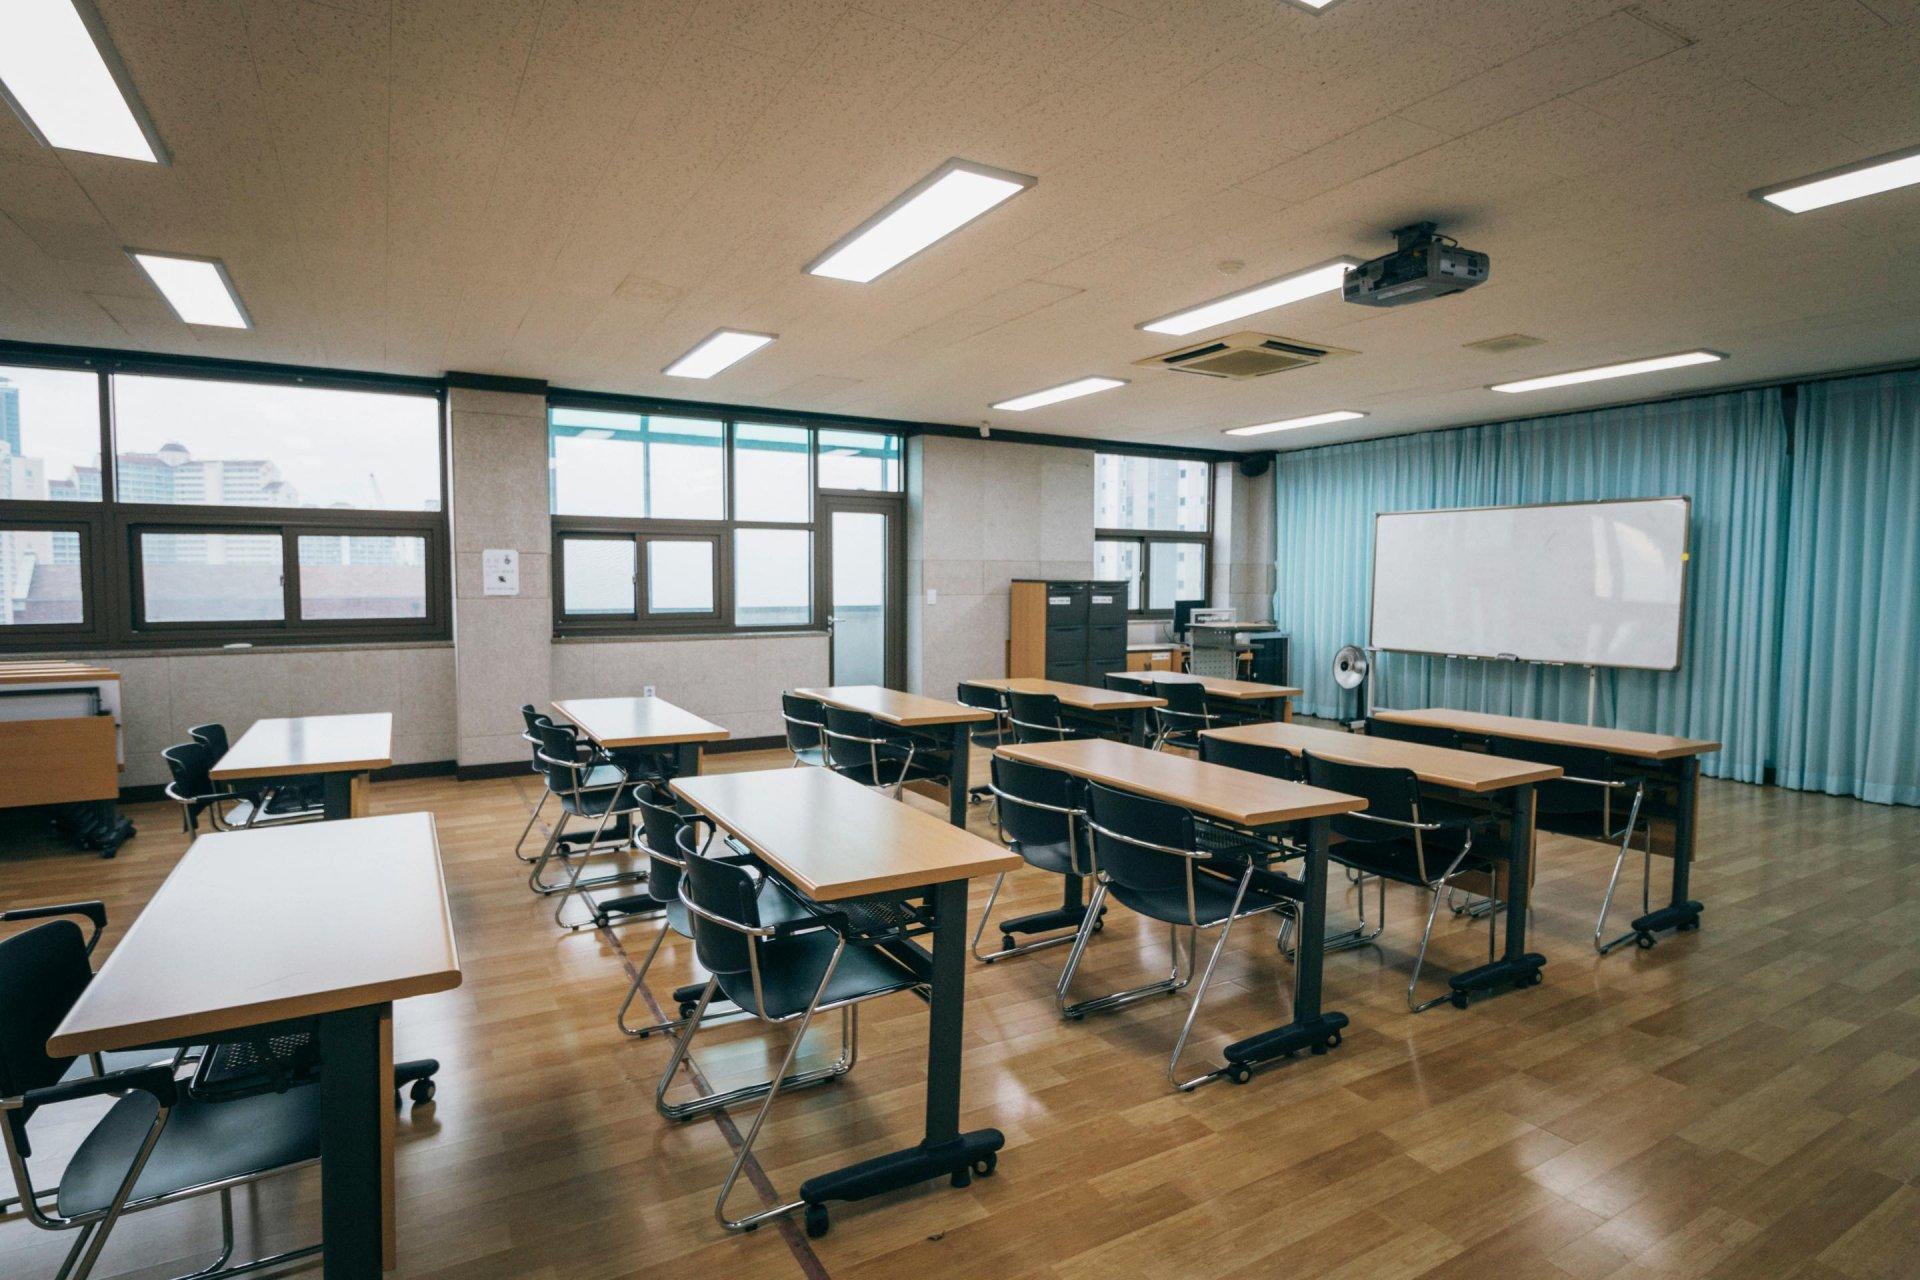 화이트보드가 보이고, 책상이 줄이어 보이는 강의실 .